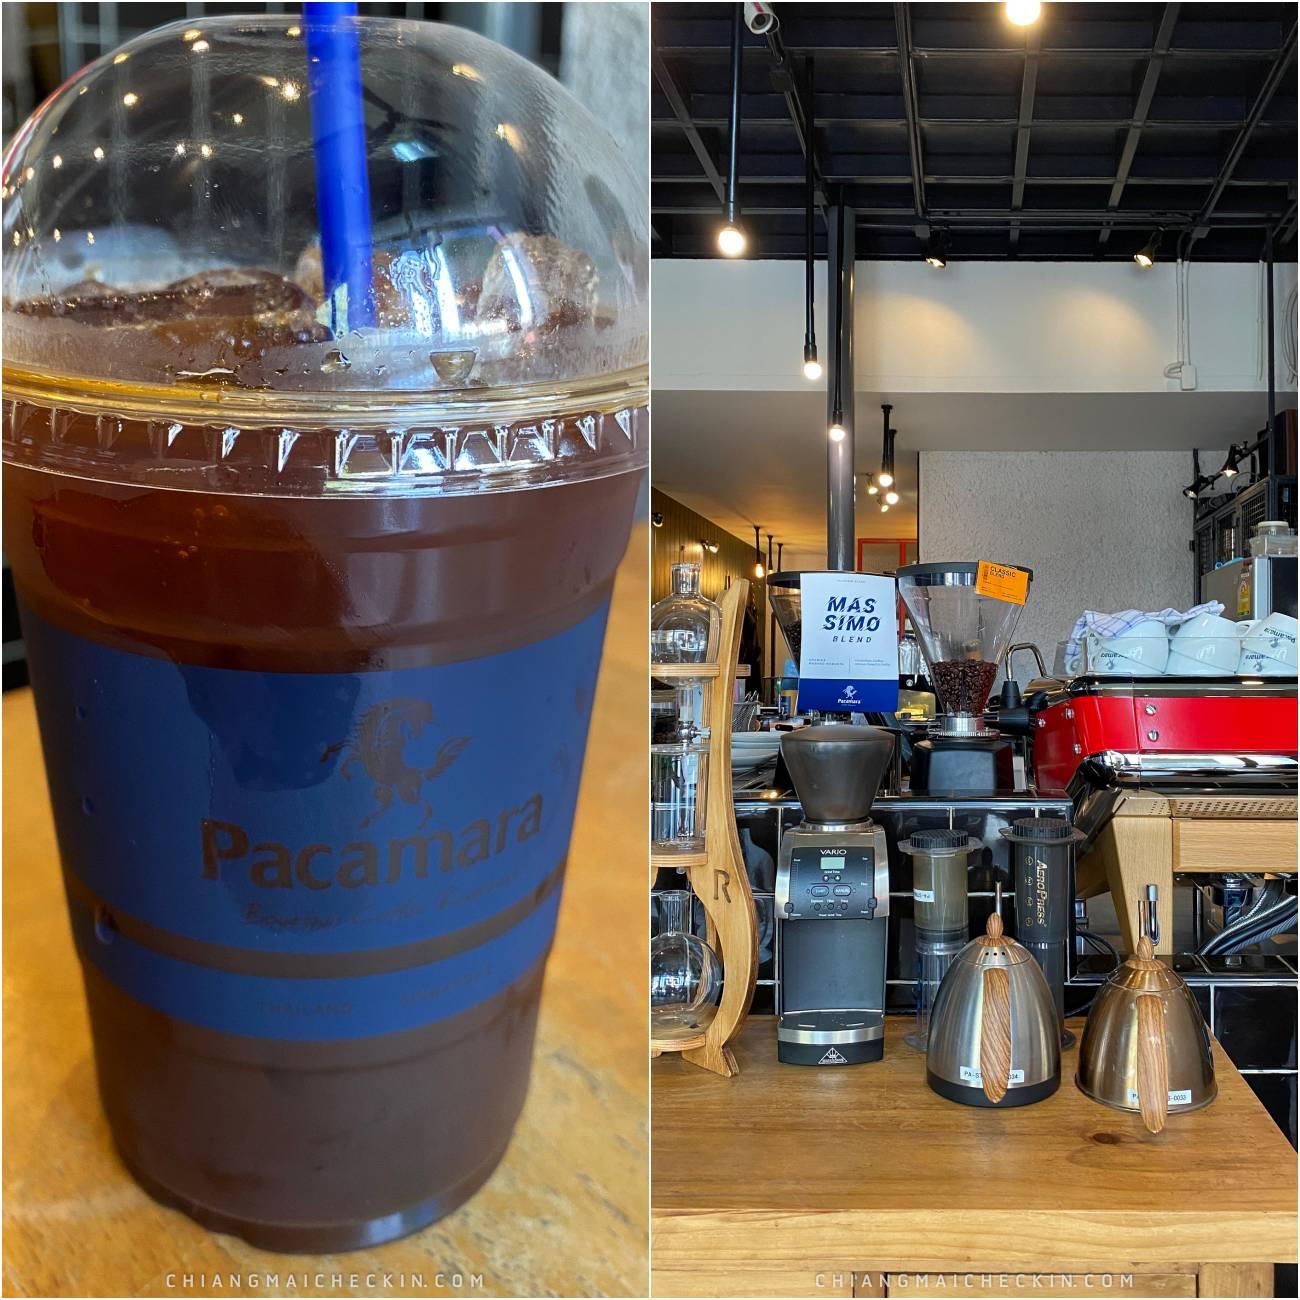 PACAMARA COFFEE ร้านกาแฟเกร๋ๆมีสไตล์กาแฟดียยย์พร้อมบรรยากาศสุดชิว ขอยกให้ร้านนี้เลยพลาดไม่ได้แล้วว